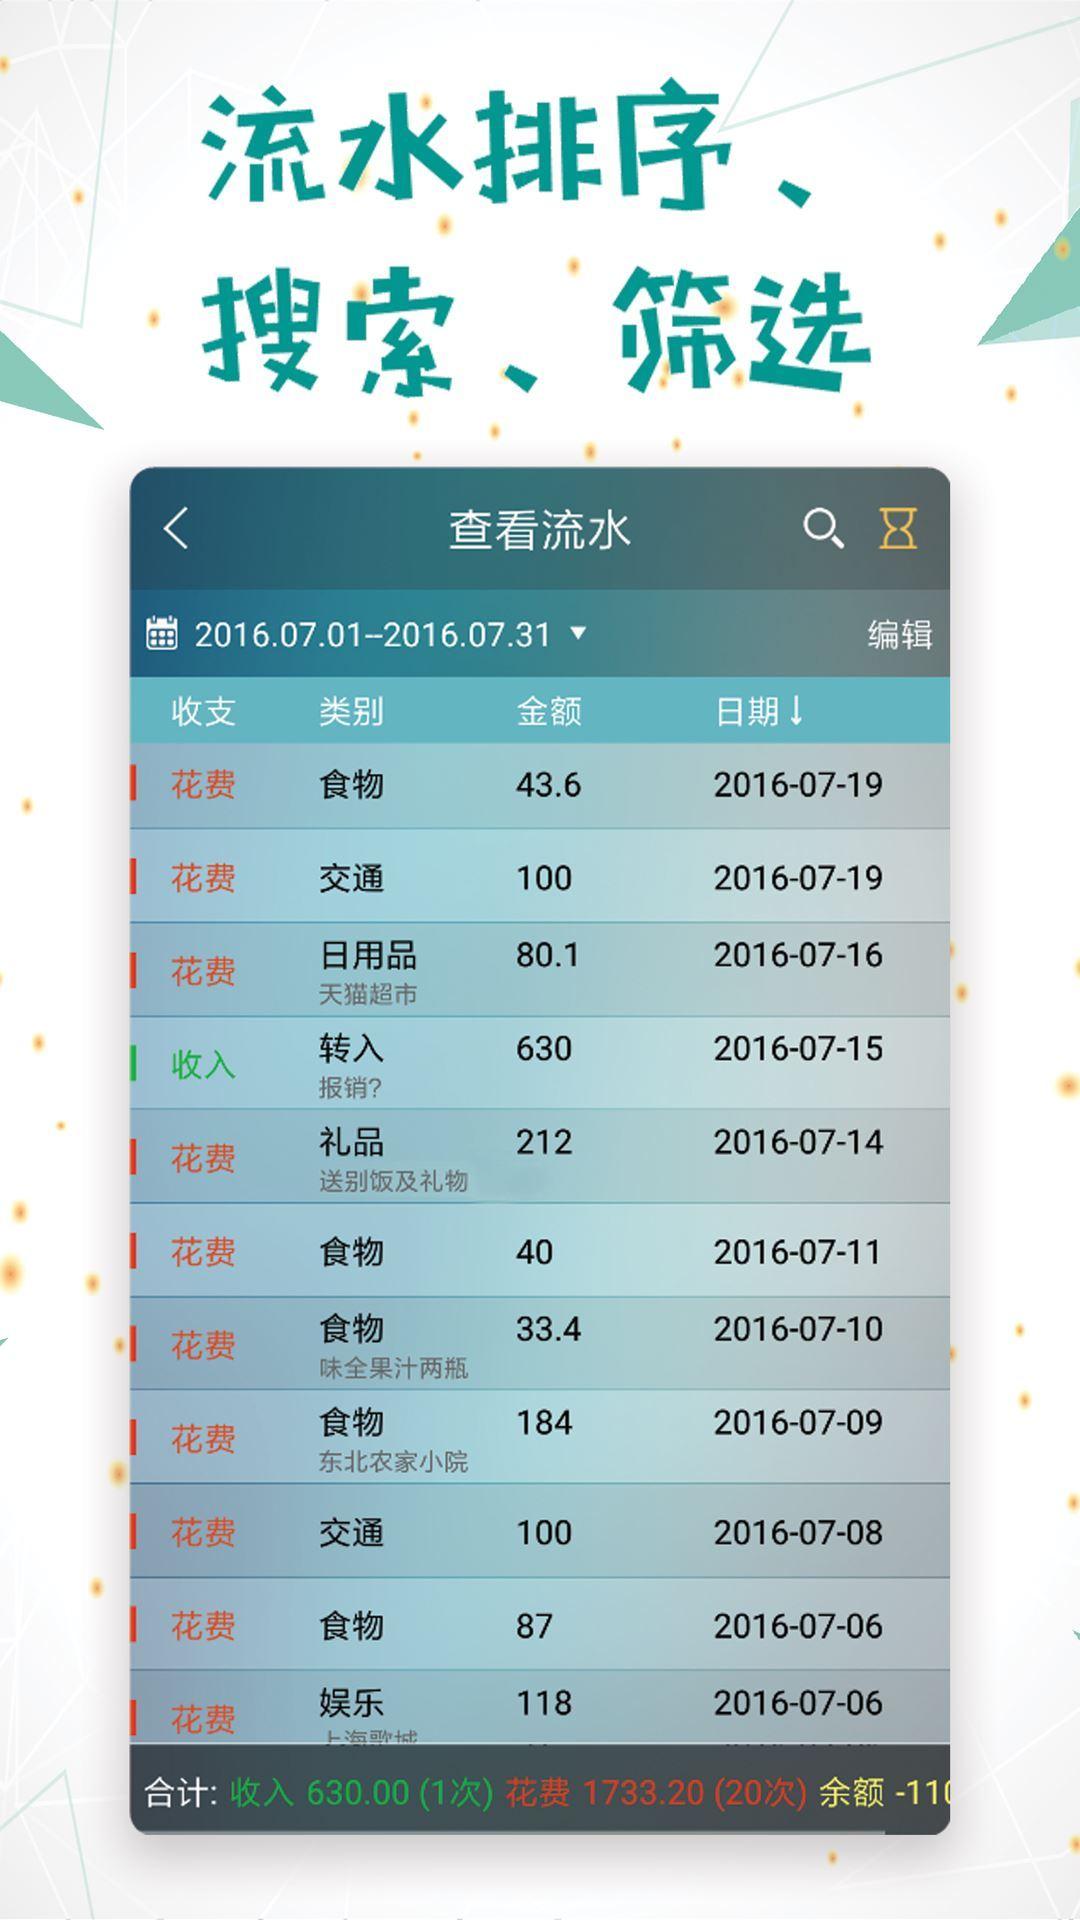 日常记账 V3.5.2 安卓版截图2